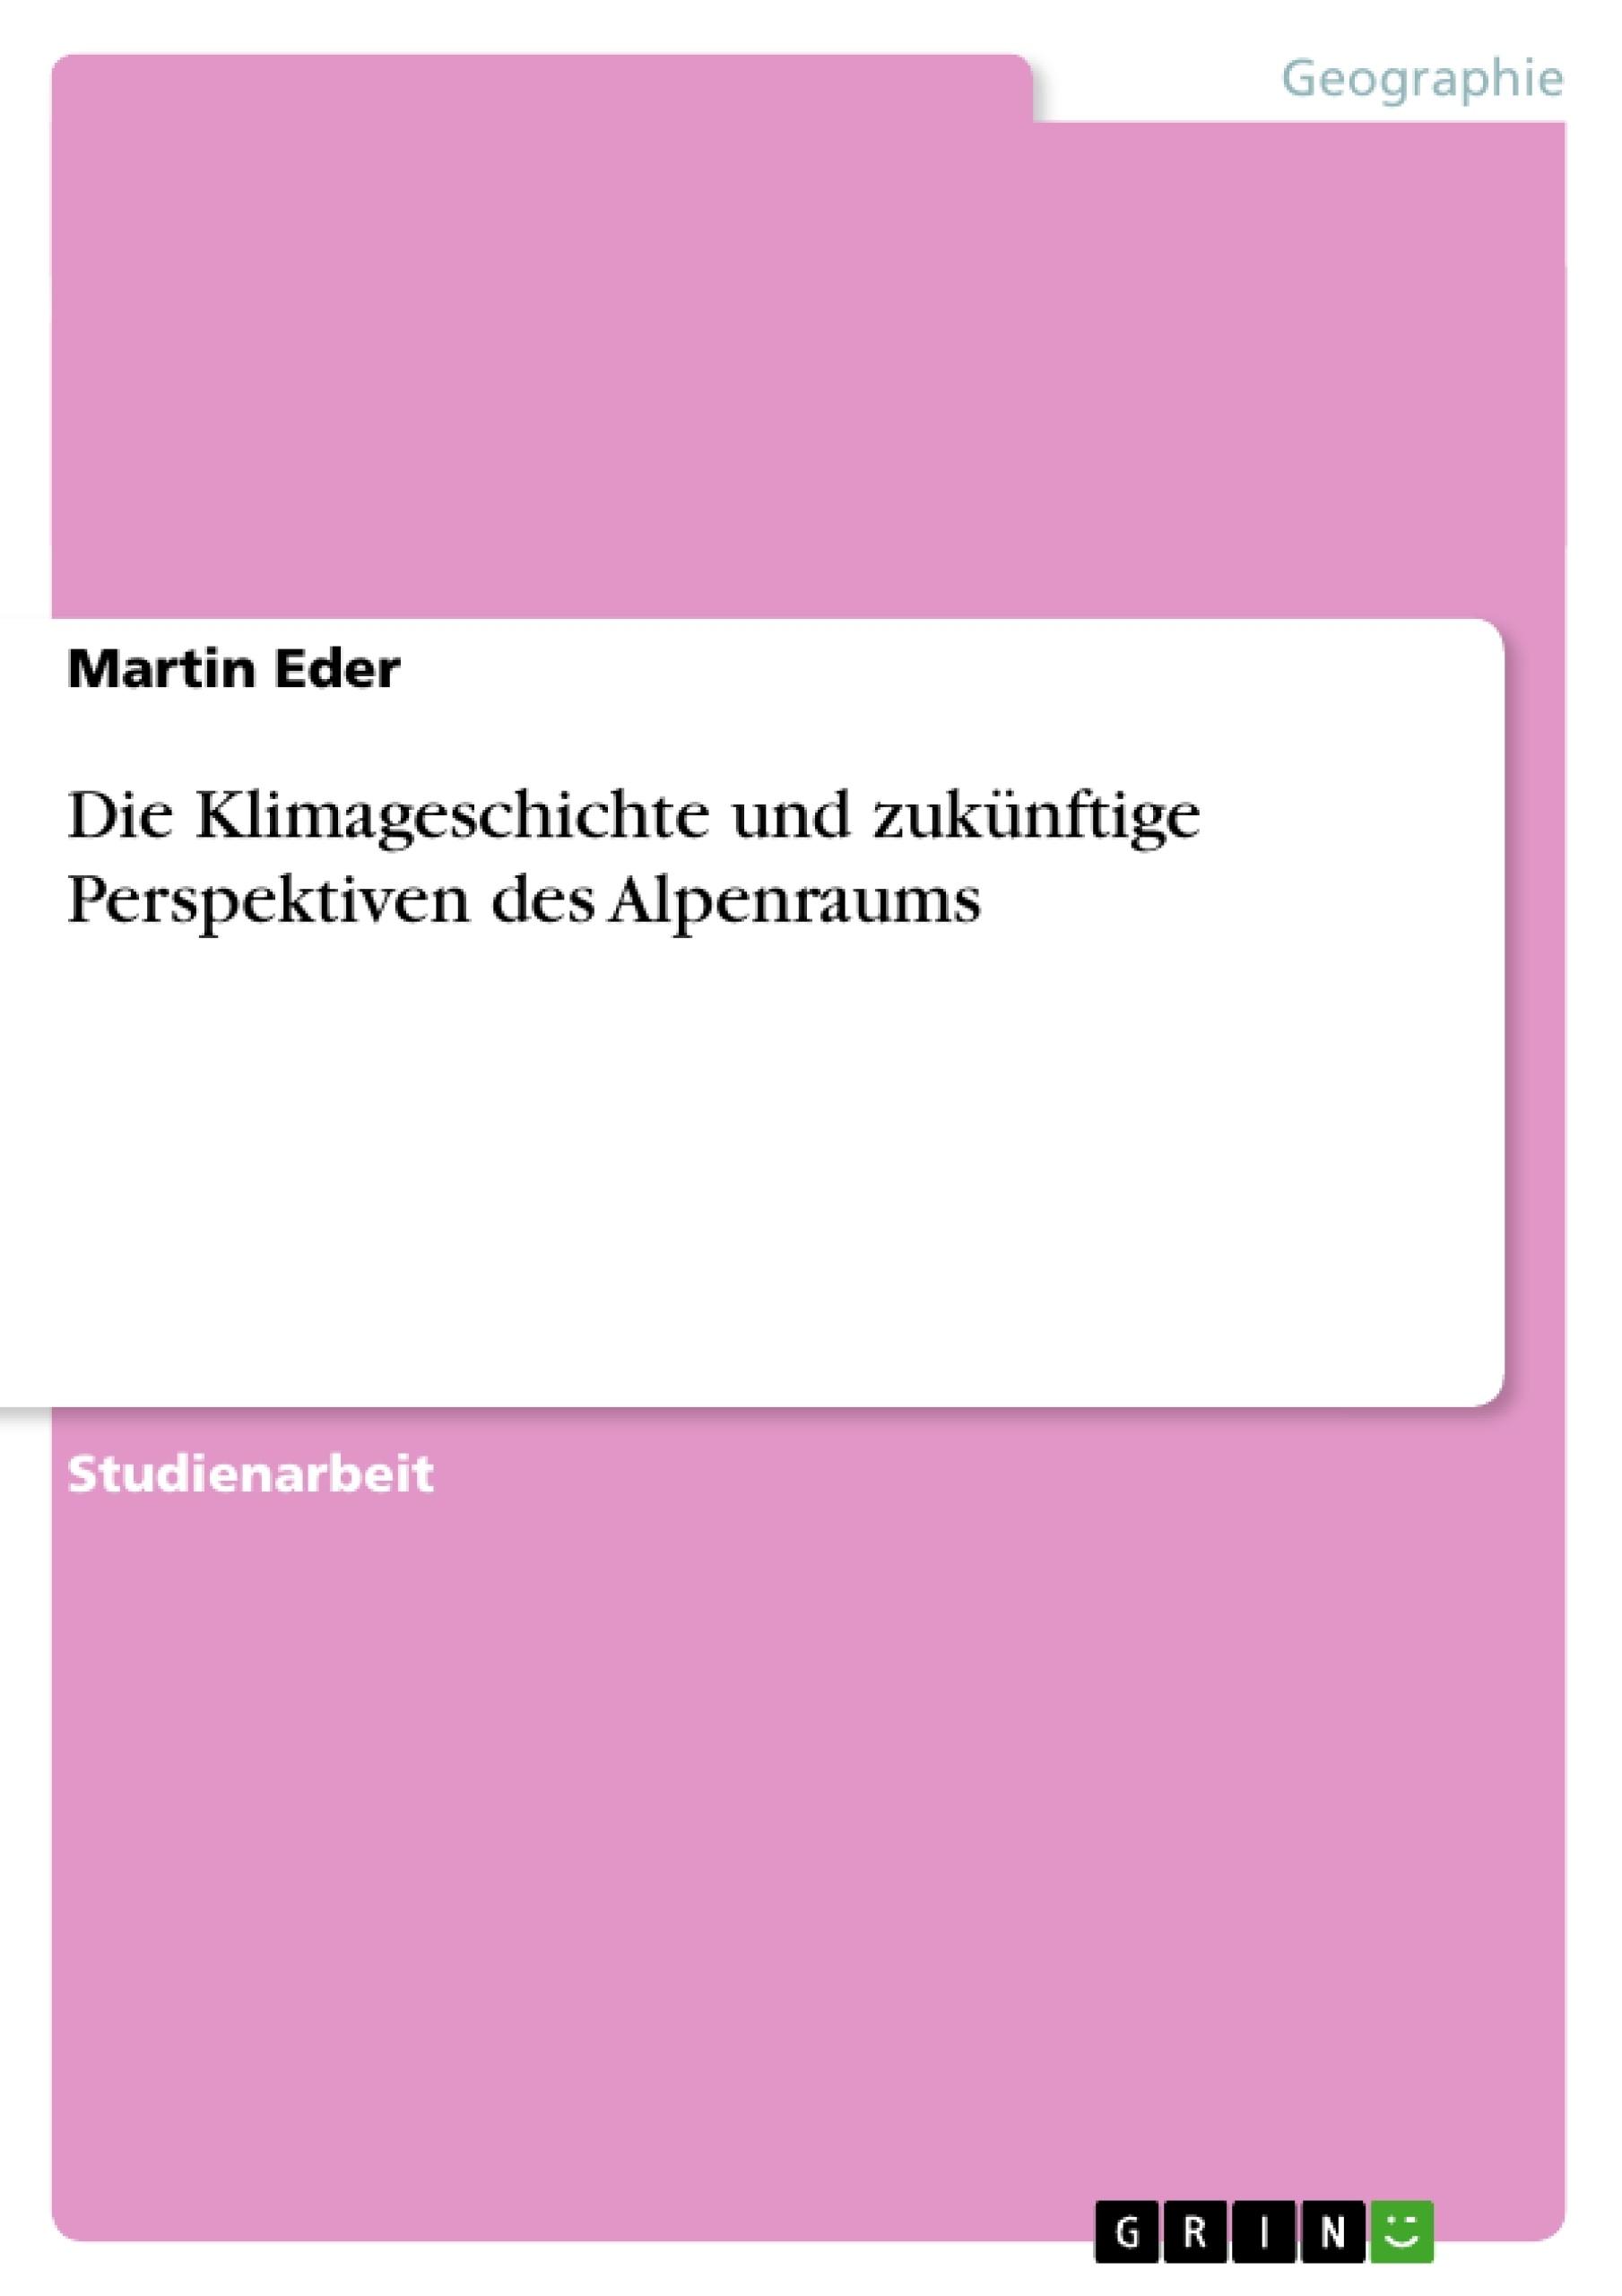 Titel: Die Klimageschichte und zukünftige Perspektiven des Alpenraums